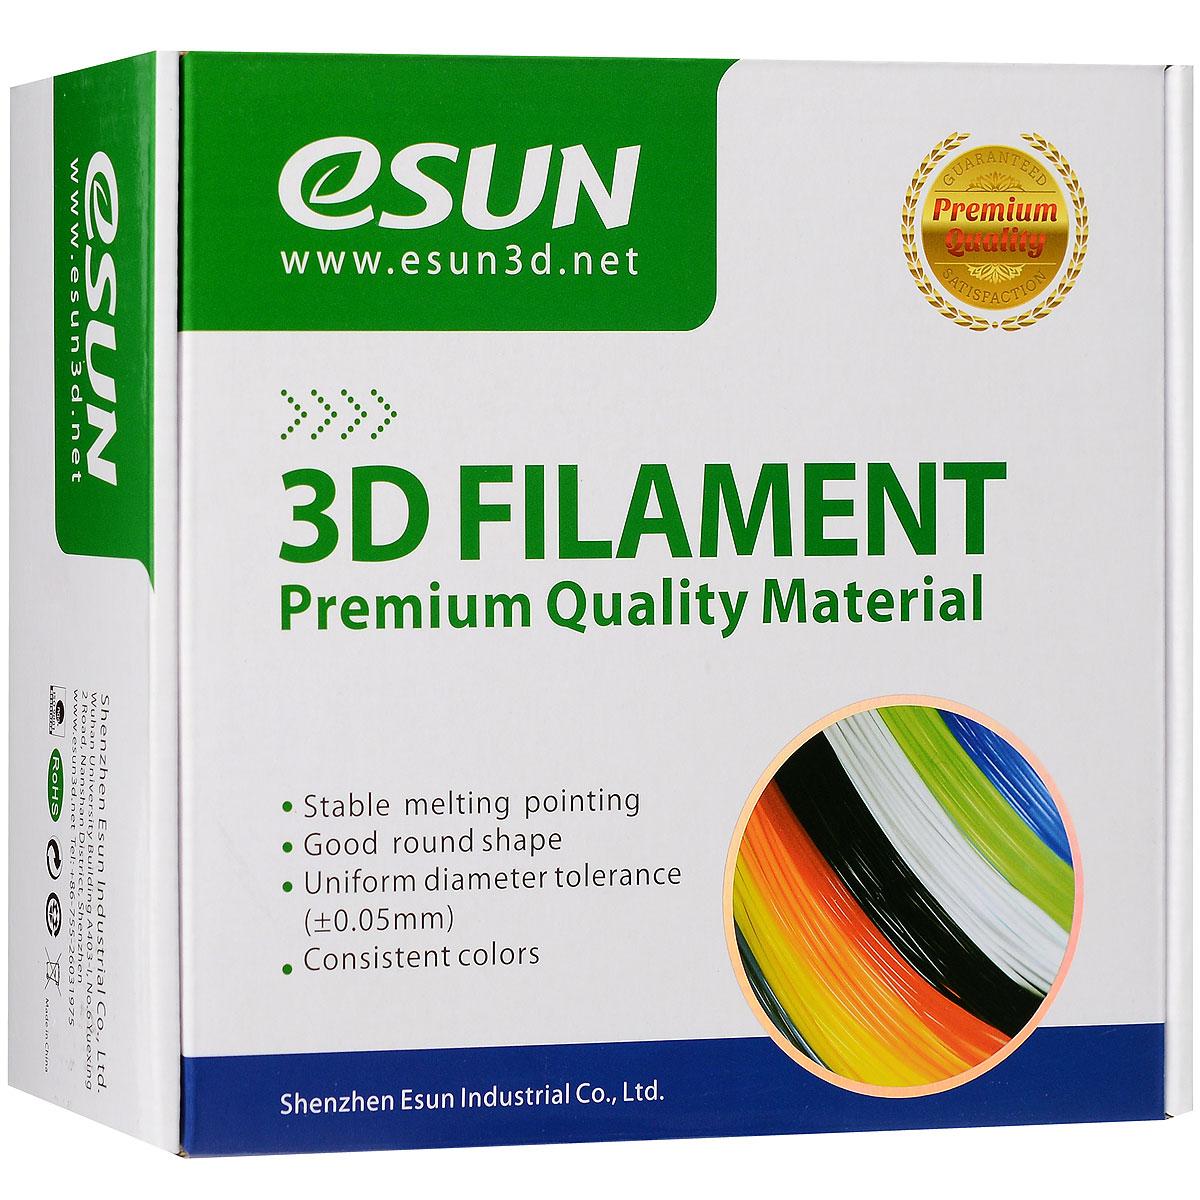 ESUN пластик ABS в катушке, White, 1,75 ммABS175W1Пластик ABS от ESUN долговечный и очень прочный полимер, ударопрочный, эластичный и стойкий к моющим средствам и щелочам. Один из лучших материалов для печати на 3D принтере. Пластик ABS не имеет запаха и не является токсичным. Температура плавления 220-260°C. АБС пластик для 3D-принтера применяется в деталях автомобилей, канцелярских изделиях, корпусах бытовой техники, мебели, сантехники, а также в производстве игрушек, сувениров, спортивного инвентаря, деталей оружия, медицинского оборудования и прочего. Диаметр пластиковой нити: 1.75 мм